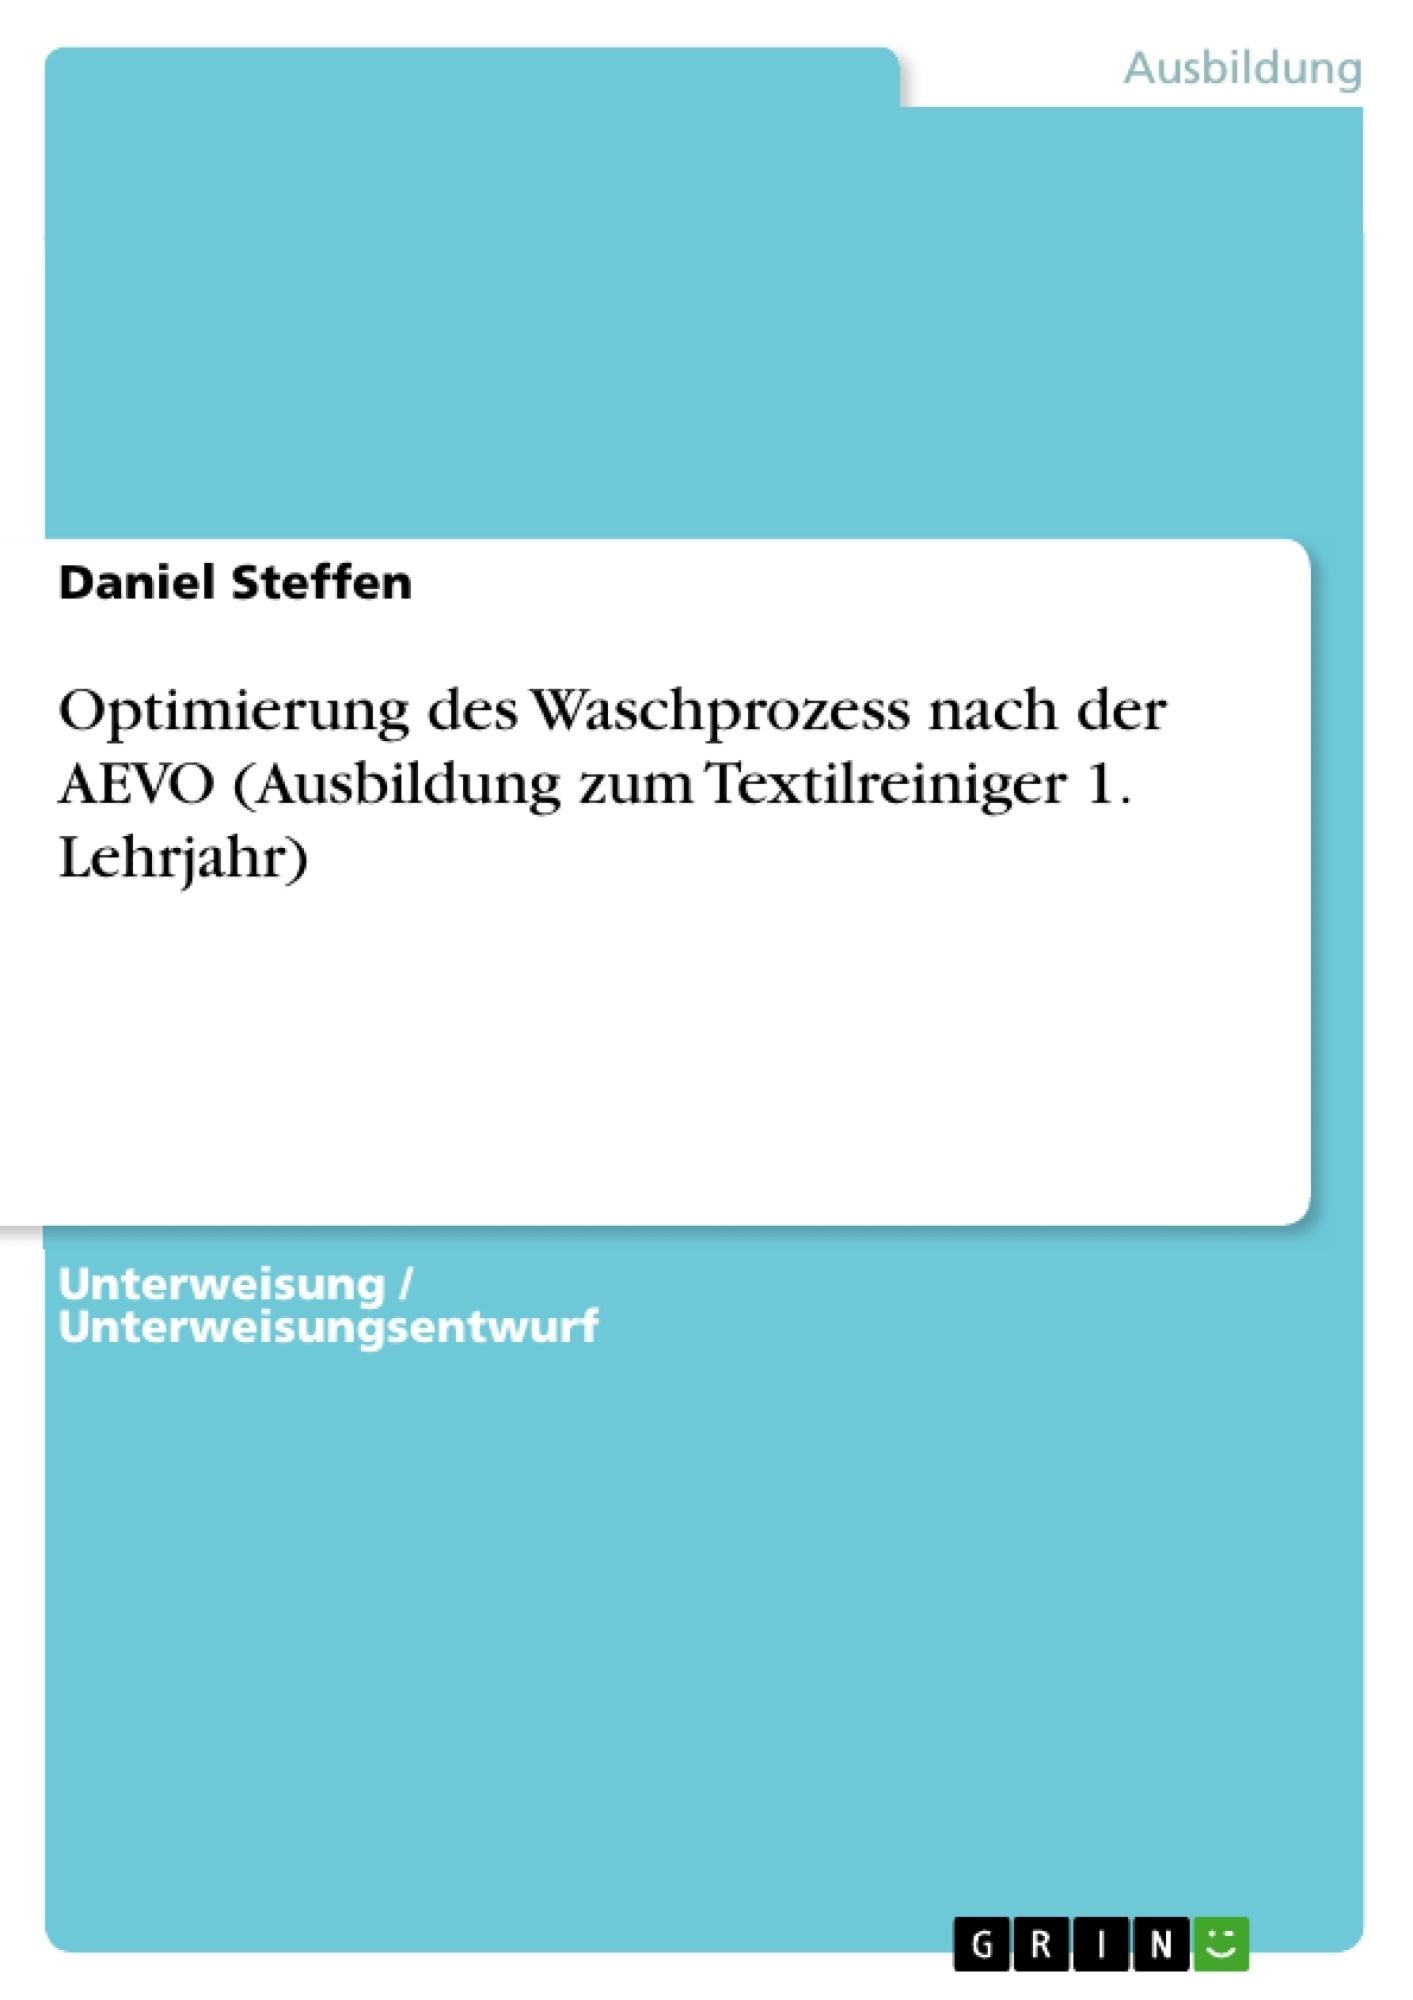 Titel: Optimierung des Waschprozess nach der AEVO (Ausbildung zum Textilreiniger 1. Lehrjahr)